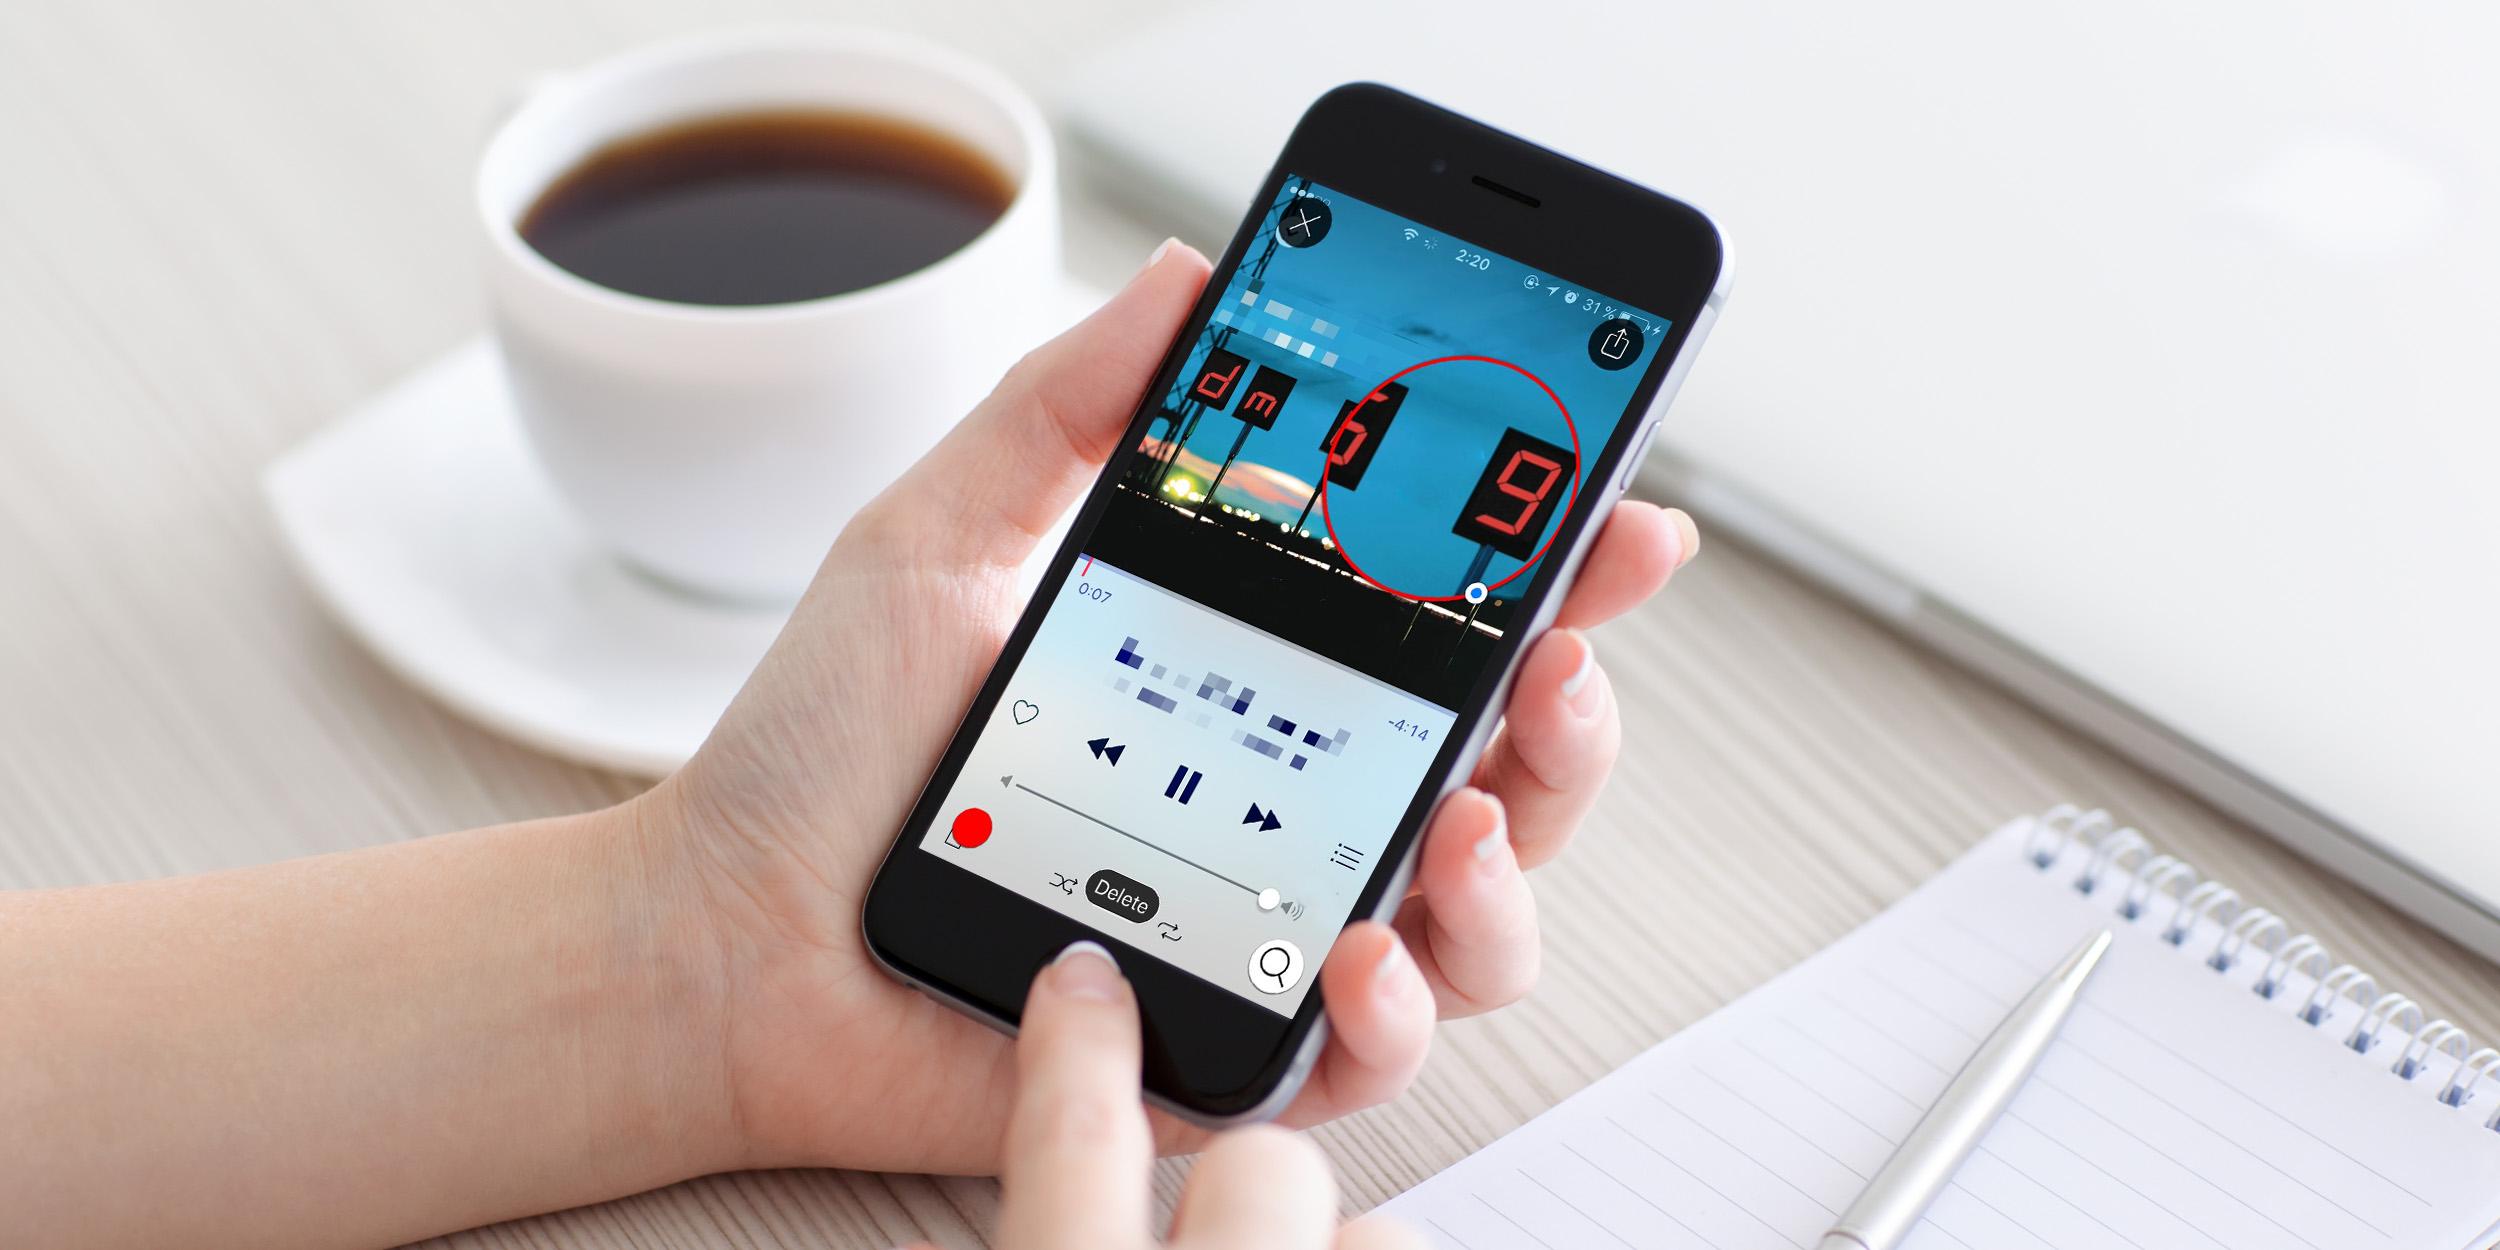 Annotable — самый удобный инструмент для комментирования изображений на iPhone и iPad